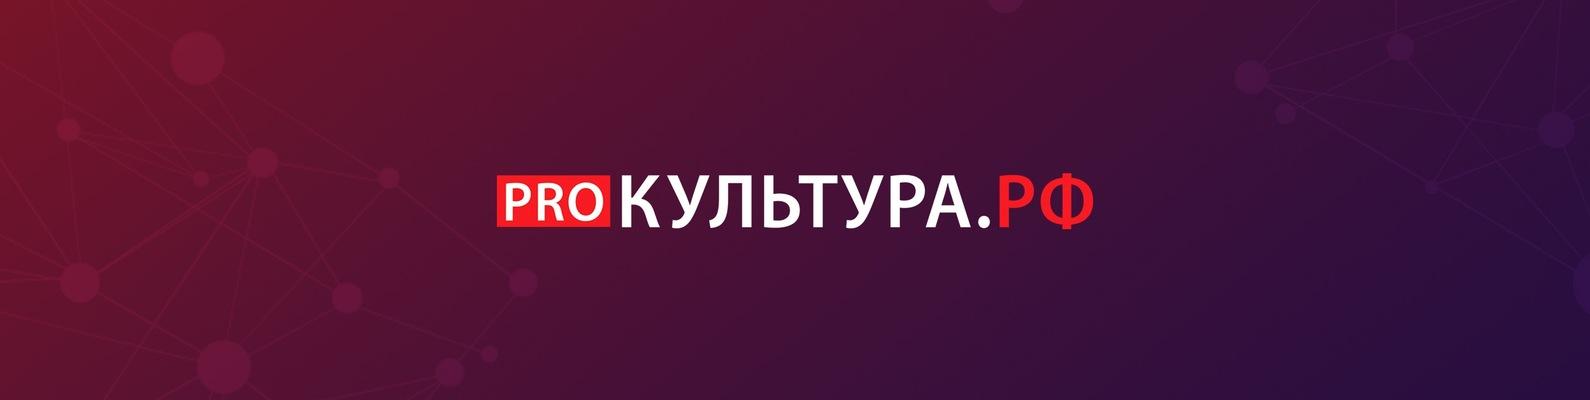 Вебинар «Новый кабинет учреждения культуры на платформе «PRO.Культура.РФ»: обзор возможностей»